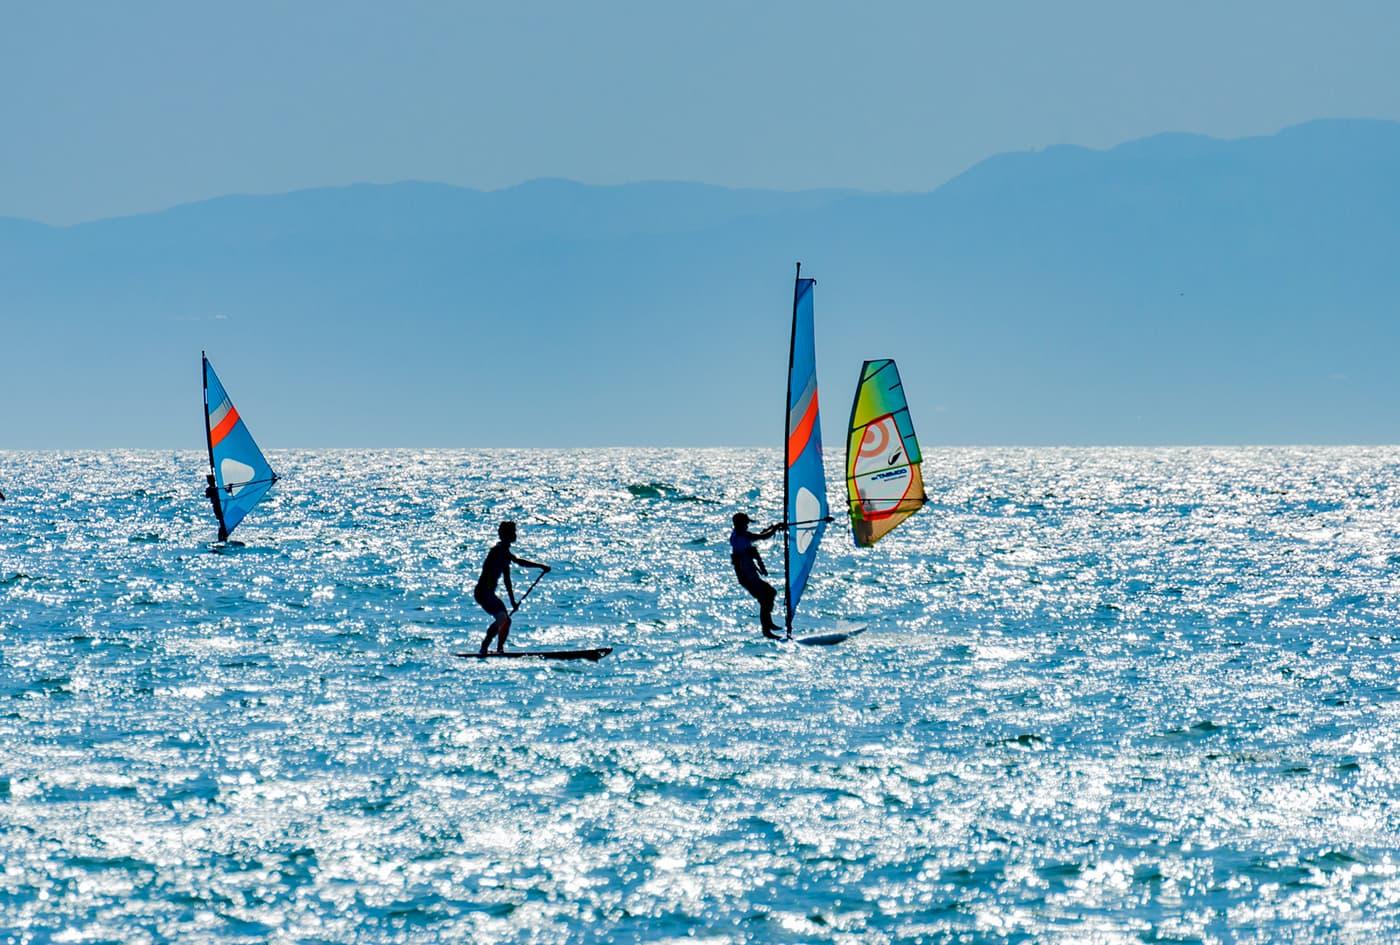 ウィンドサーフィン 体験コース | 神奈川(3E ウィンドサーフィンスクール)